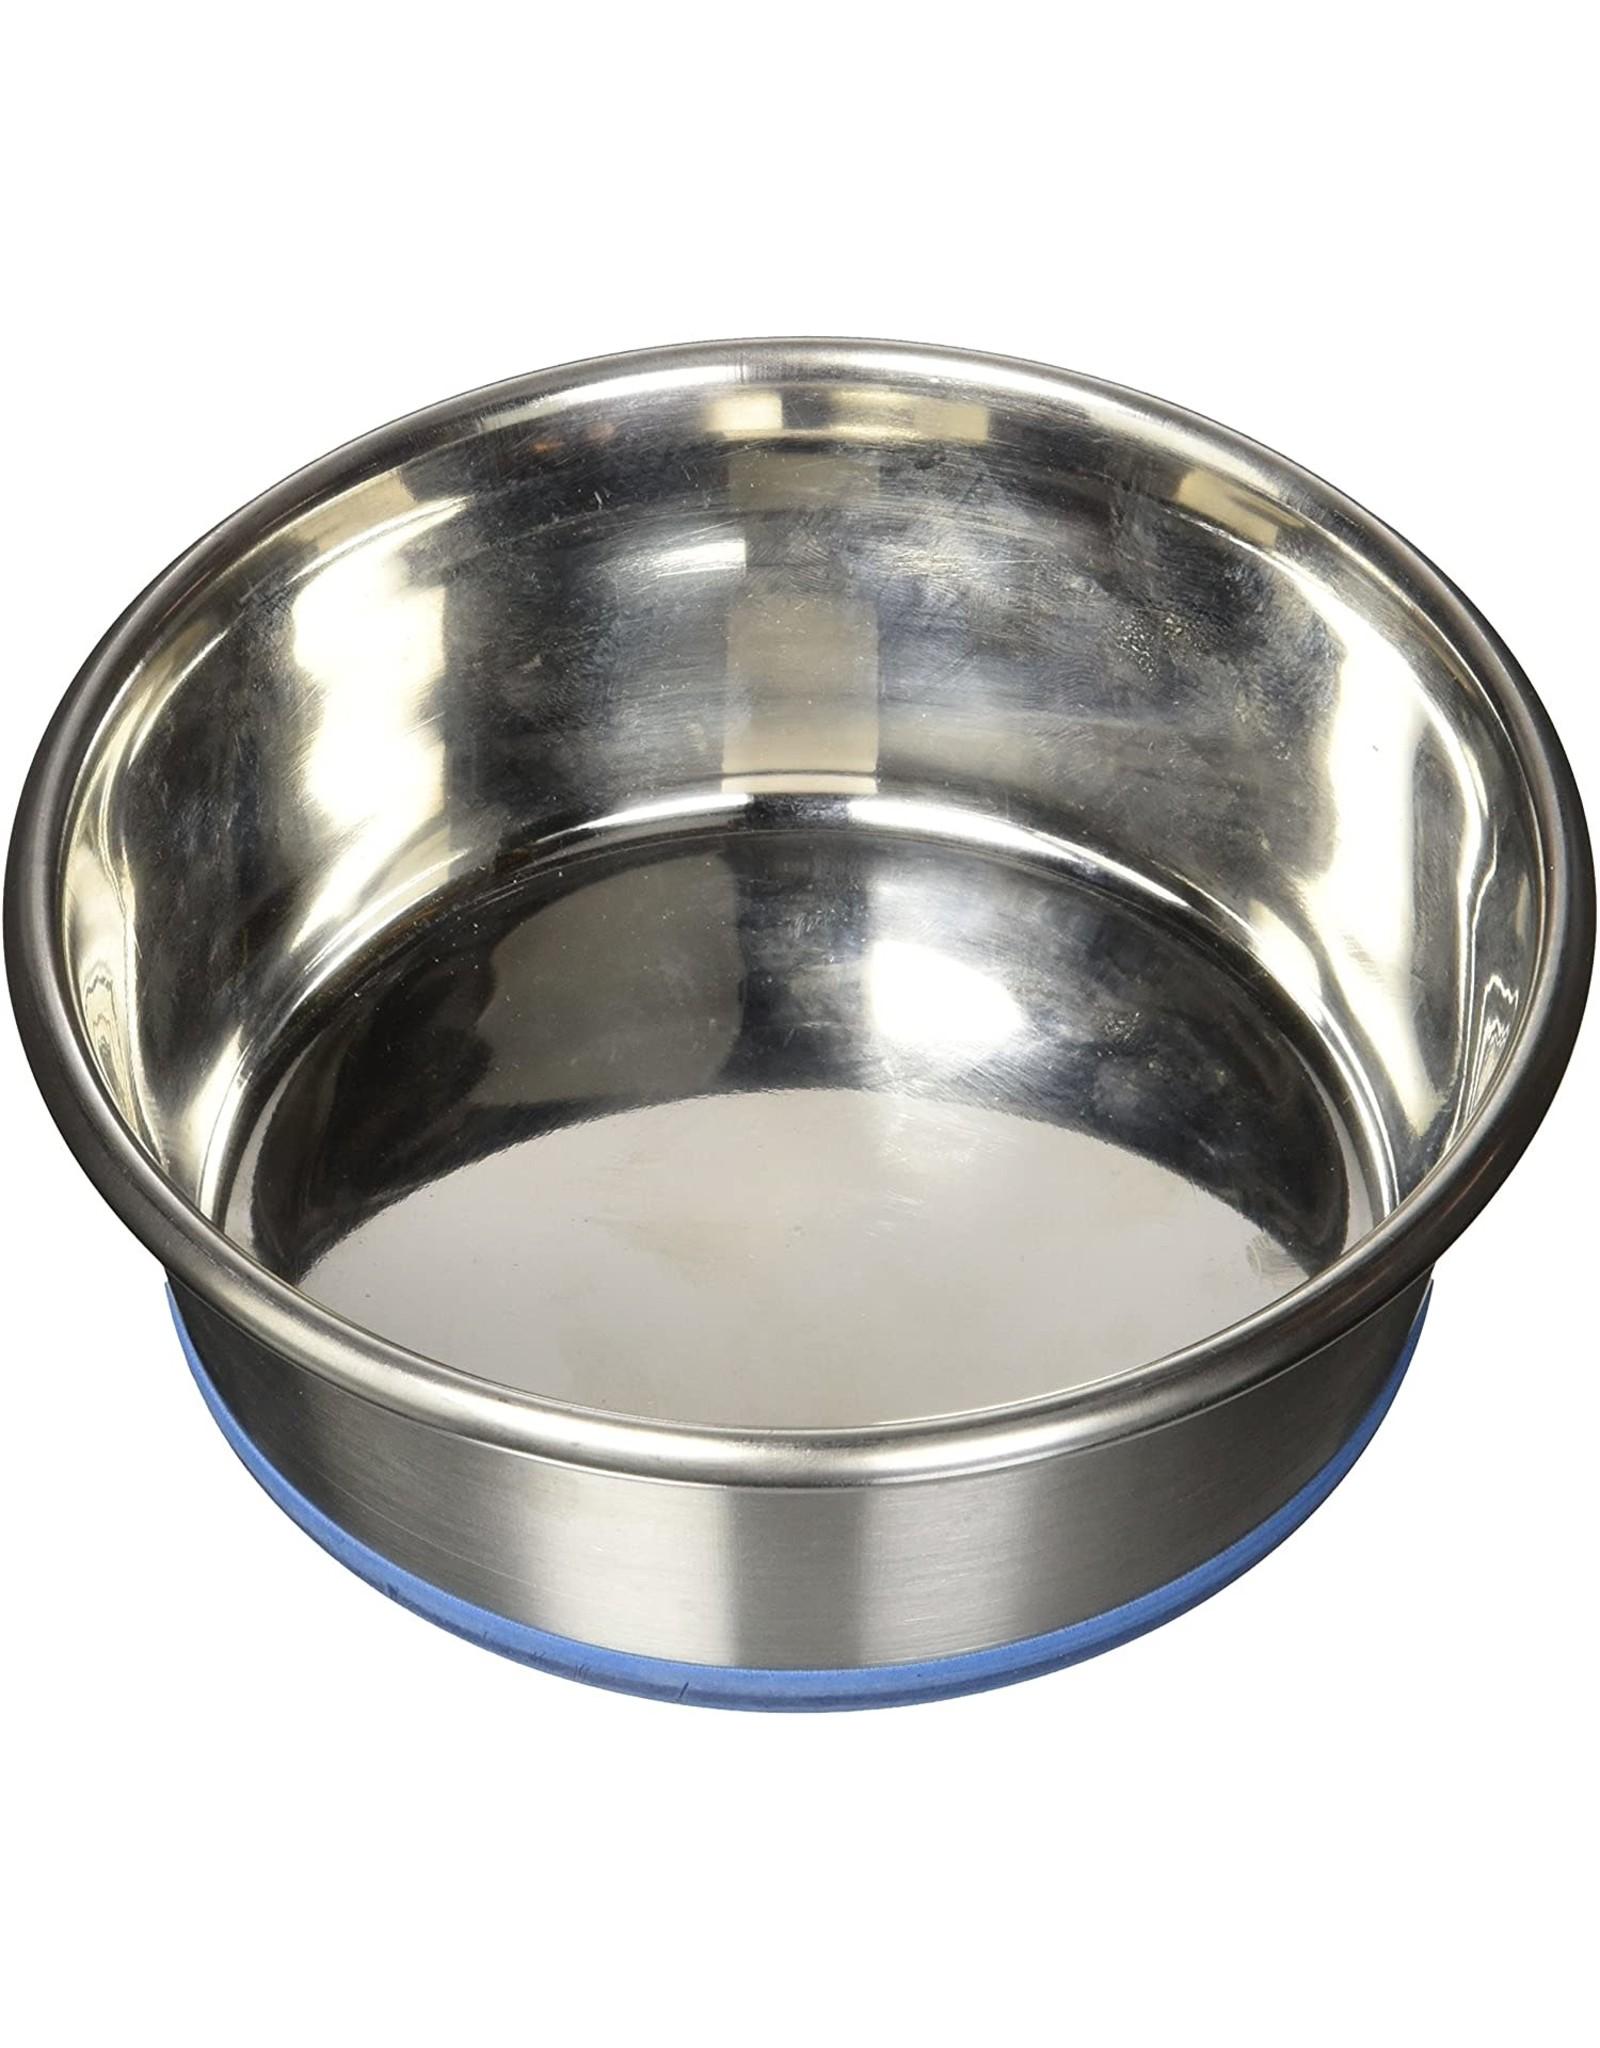 Our Pets Durapet Bowl: SS, 1.25 qt